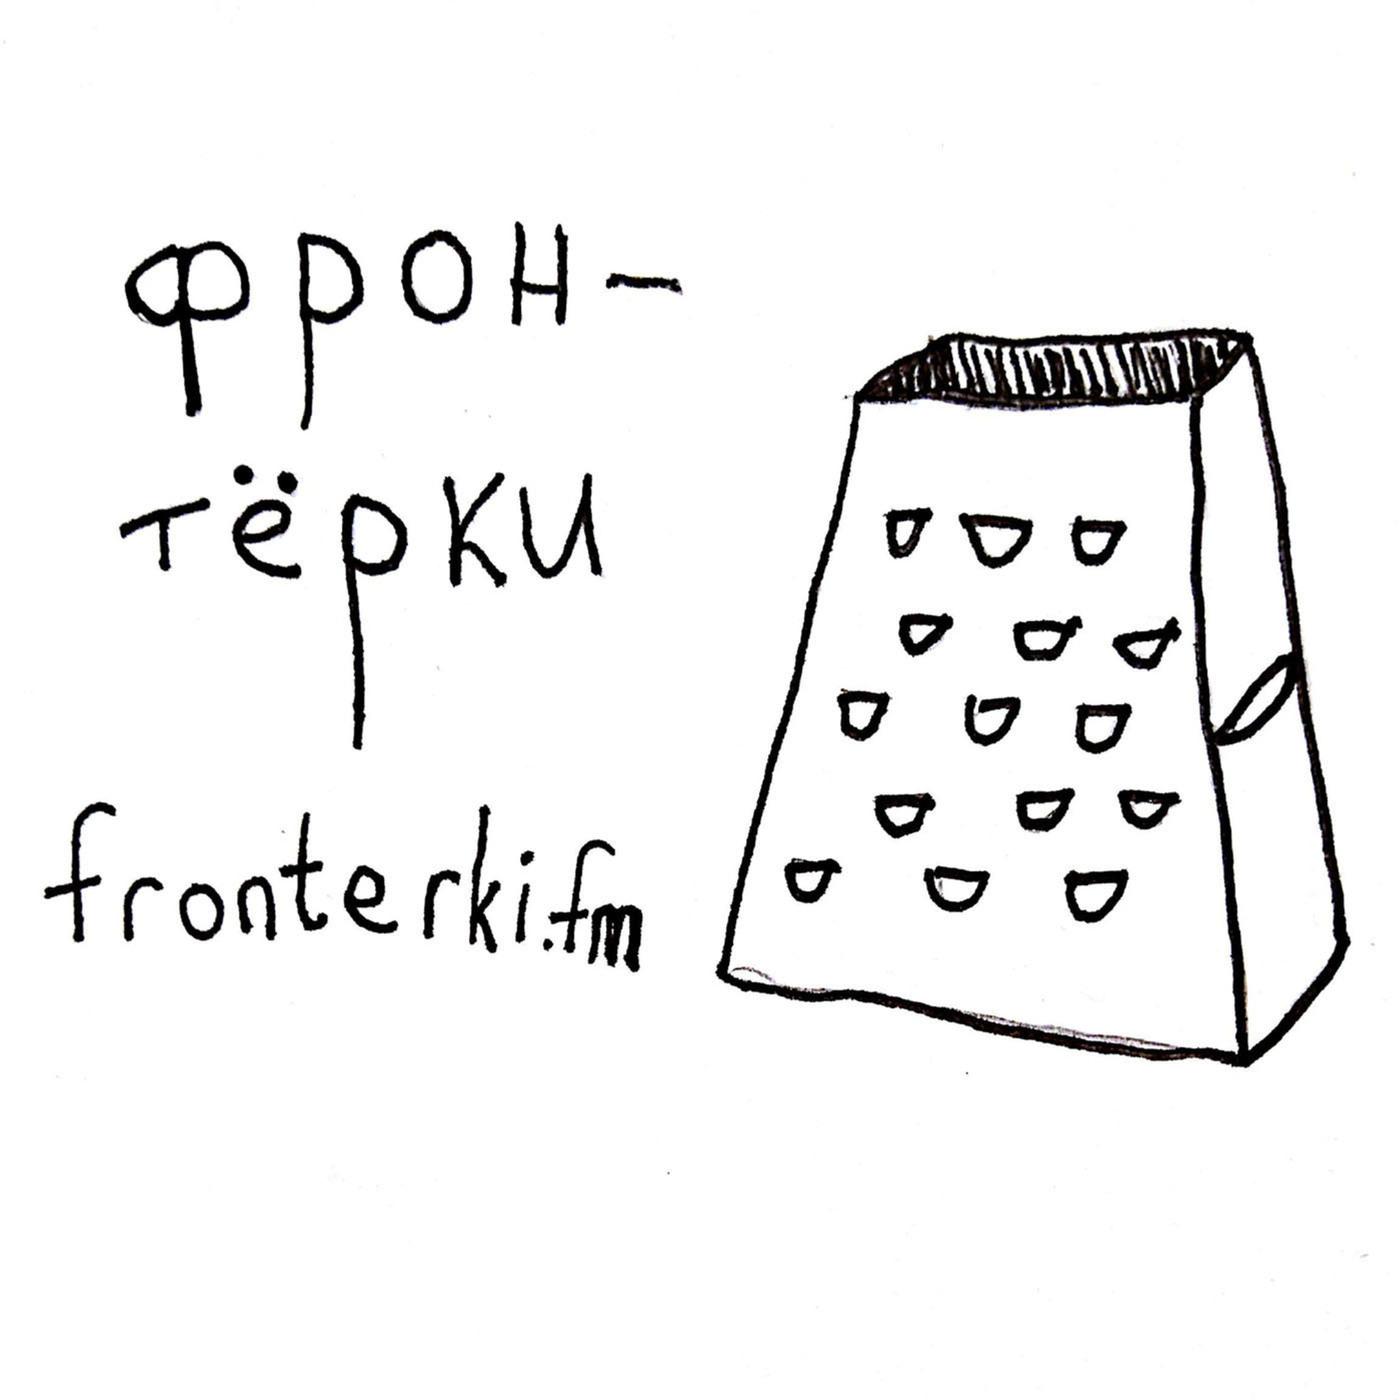 Фронтёрки / Фронтерки / Fronterki 9: Козуля, мемы, собеседования